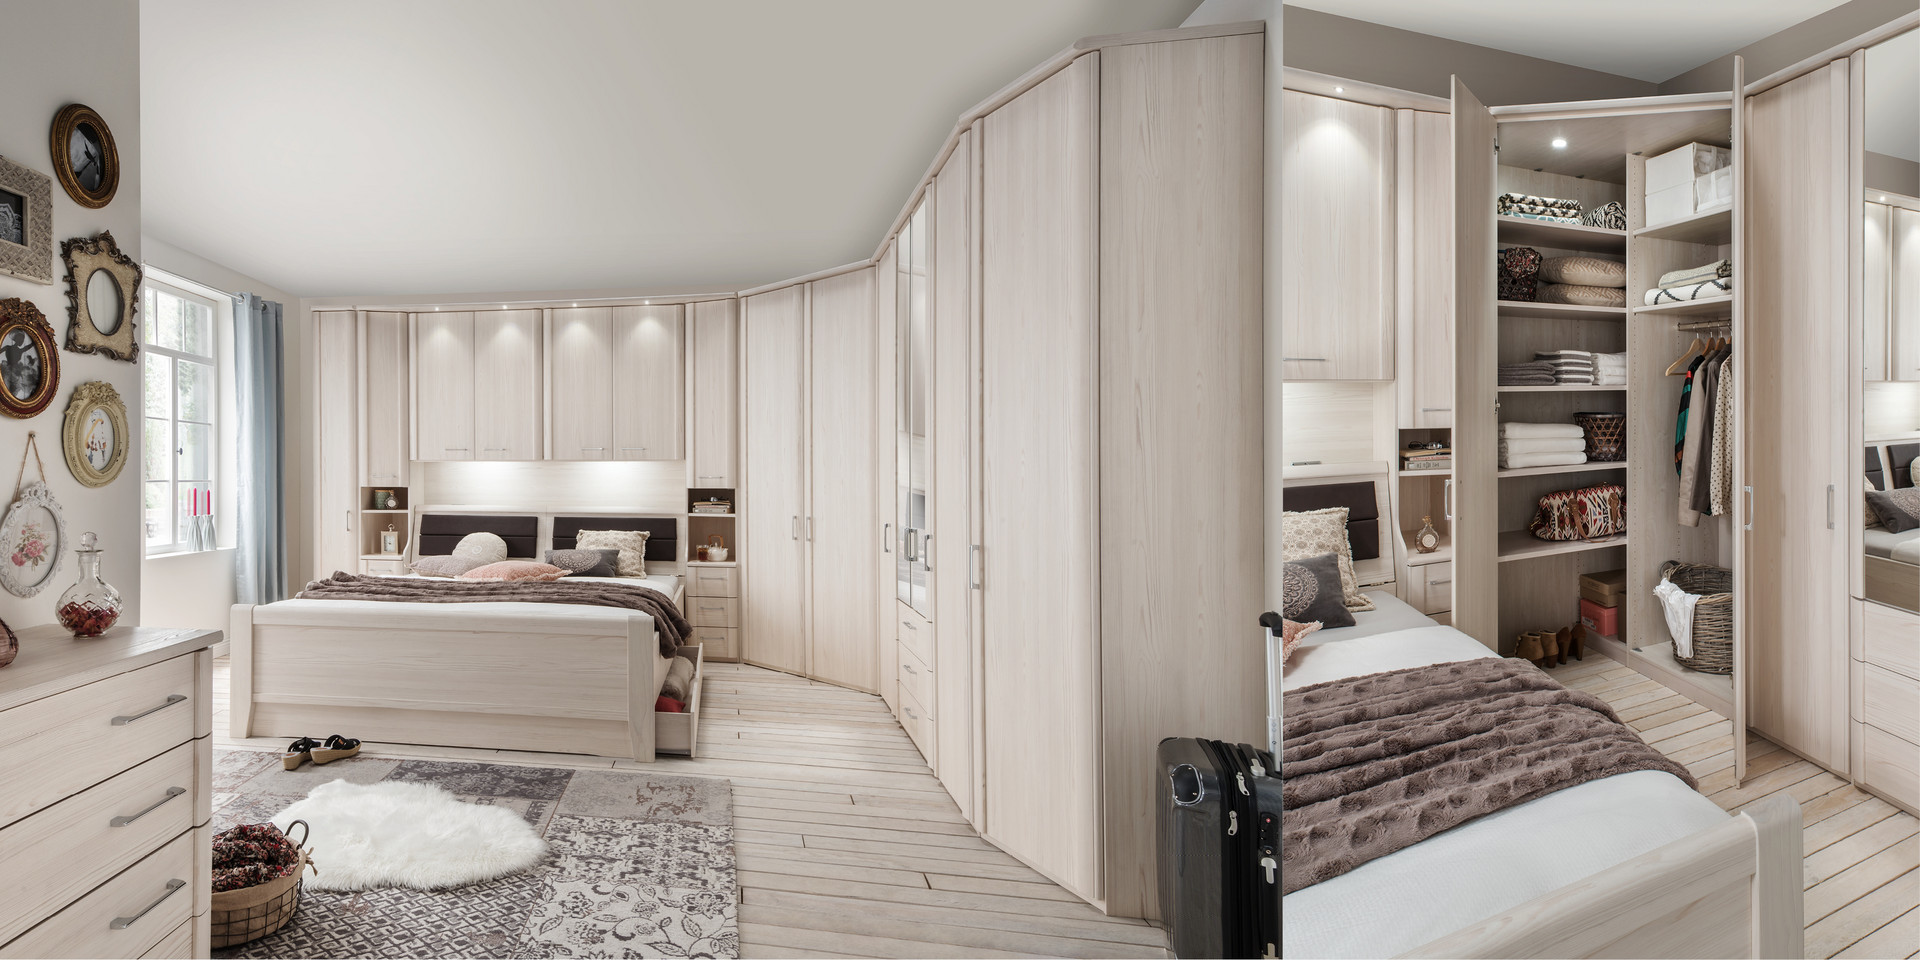 Erleben Sie Das Schlafzimmer Luxor Möbelhersteller Wiemann - Schlafzimmer luxor system programm